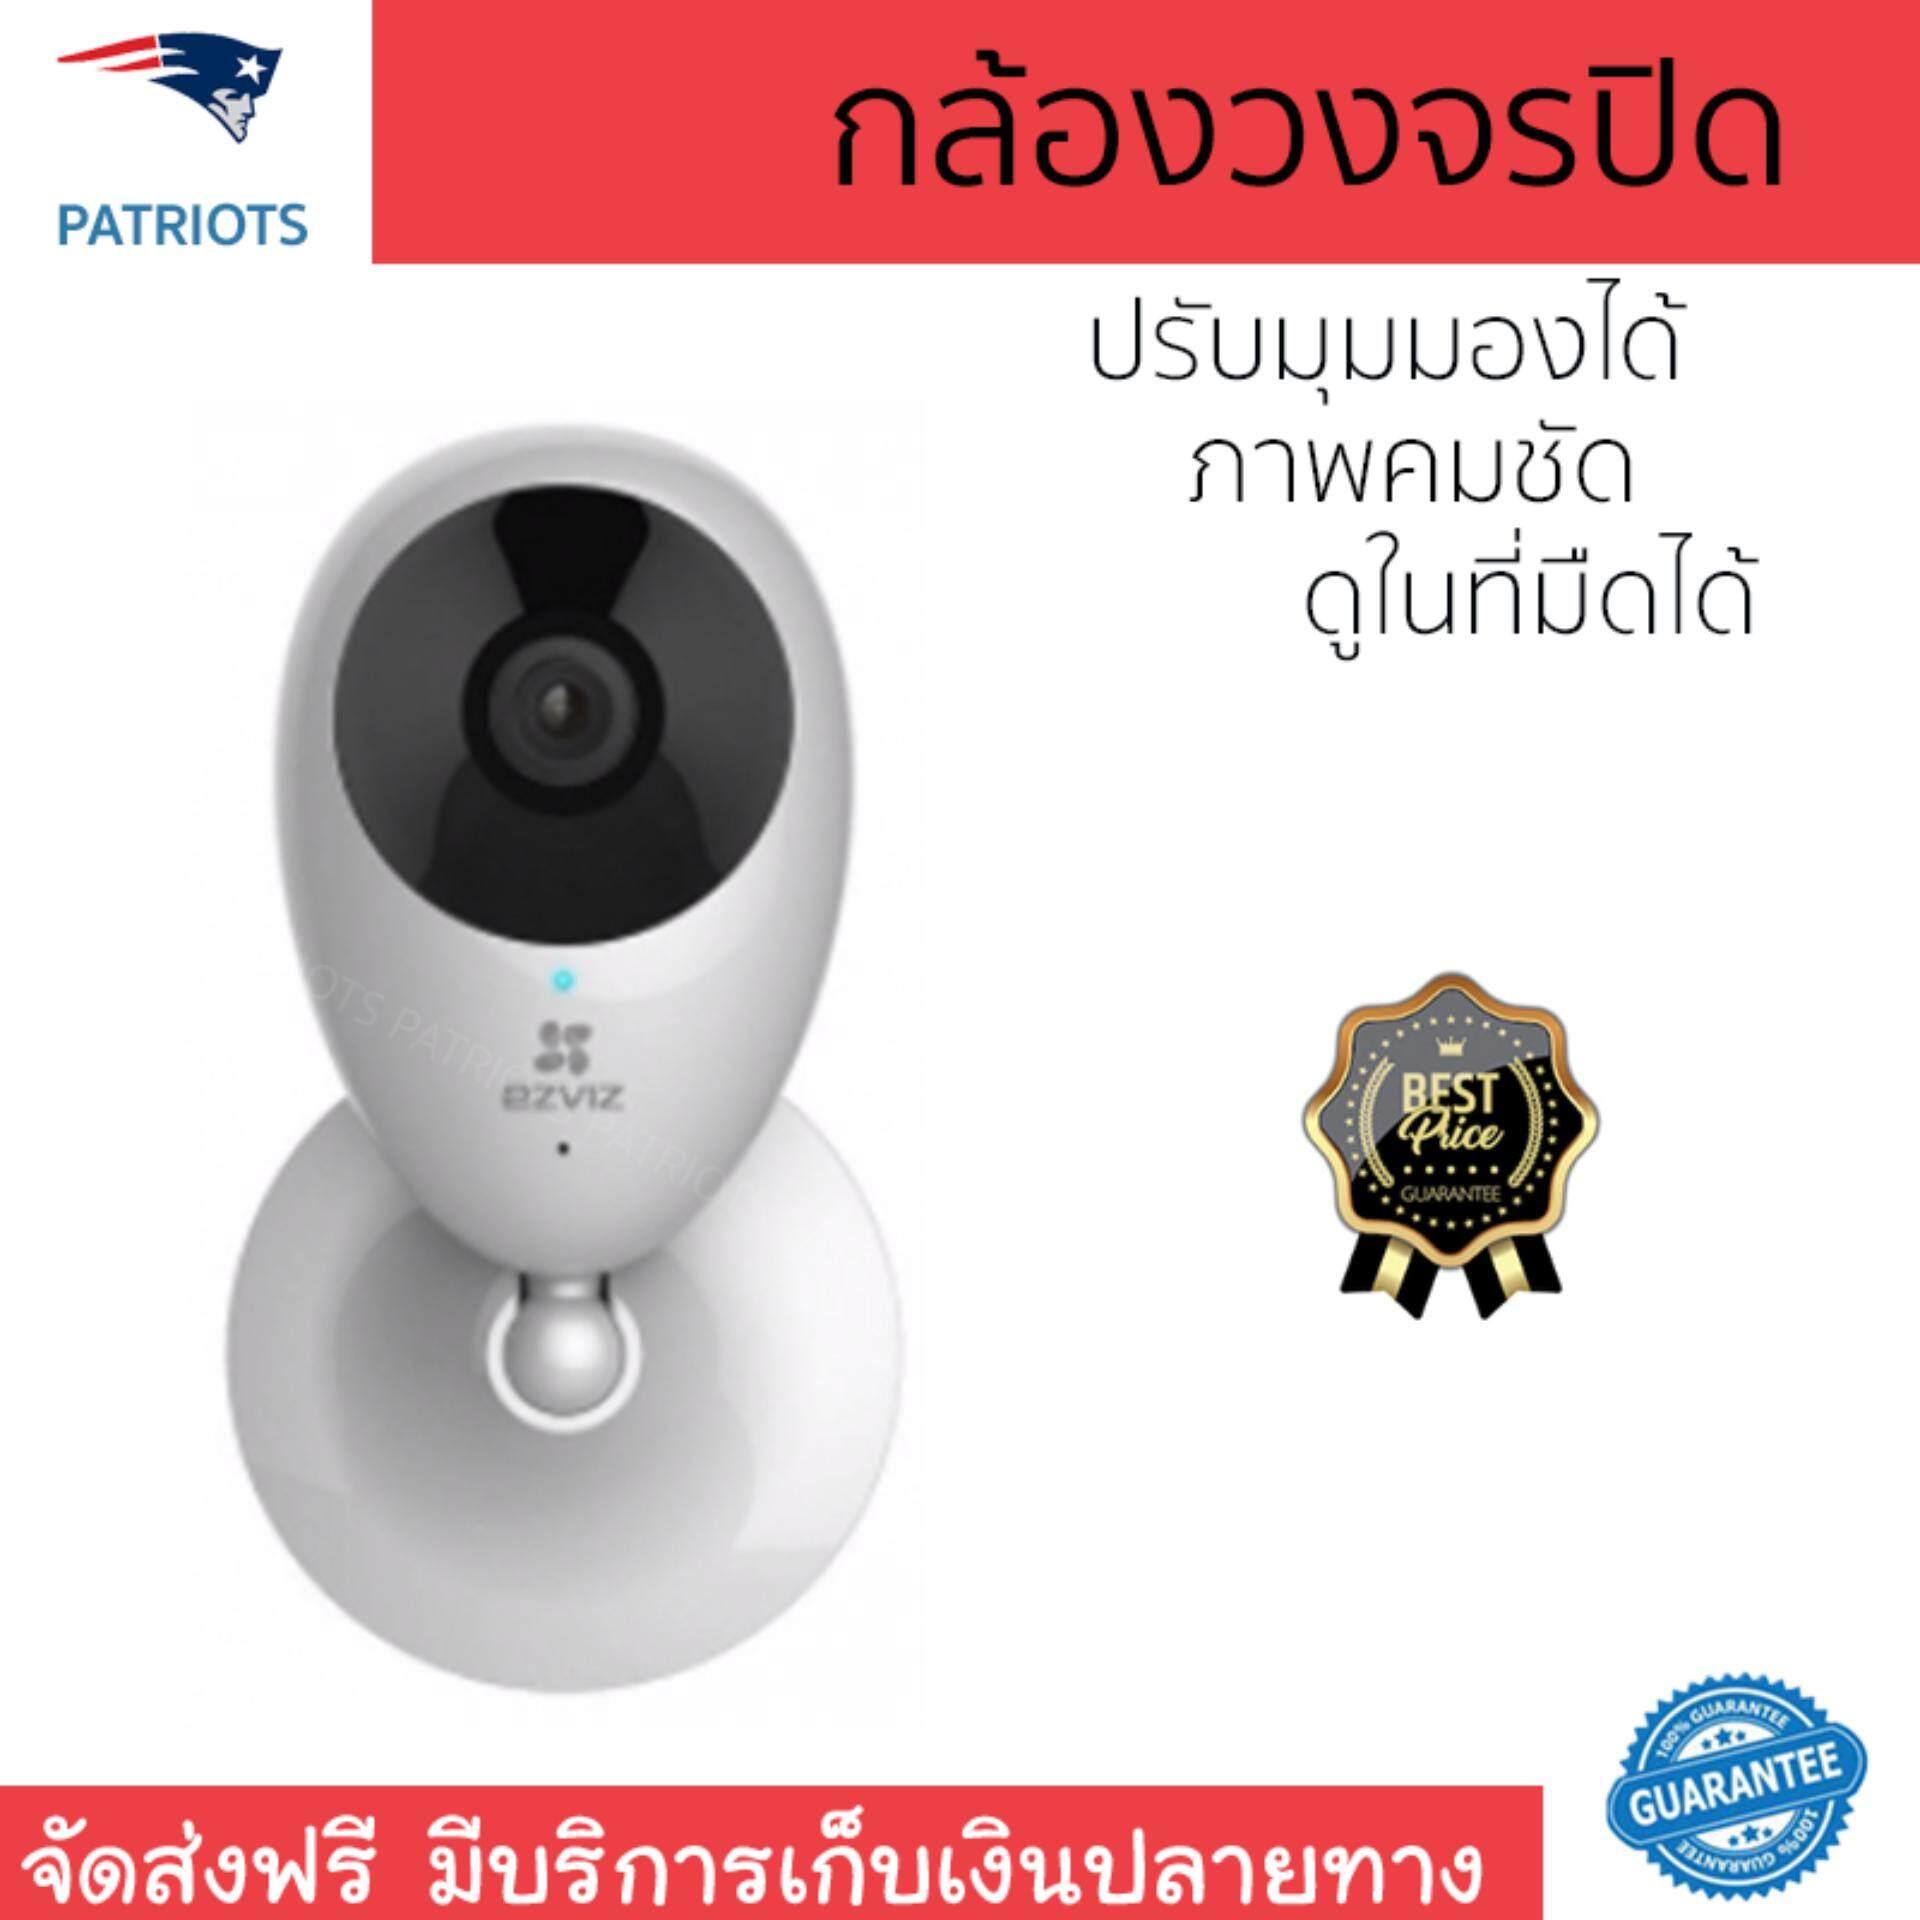 ขายดีมาก! โปรโมชัน กล้องวงจรปิด           EZVIZ กล้องวงจรปิด (สีขาว) รุ่น Mini O C2C             ภาพคมชัด ปรับมุมมองได้ กล้อง IP Camera รับประกันสินค้า 1 ปี จัดส่งฟรี Kerry ทั่วประเทศ